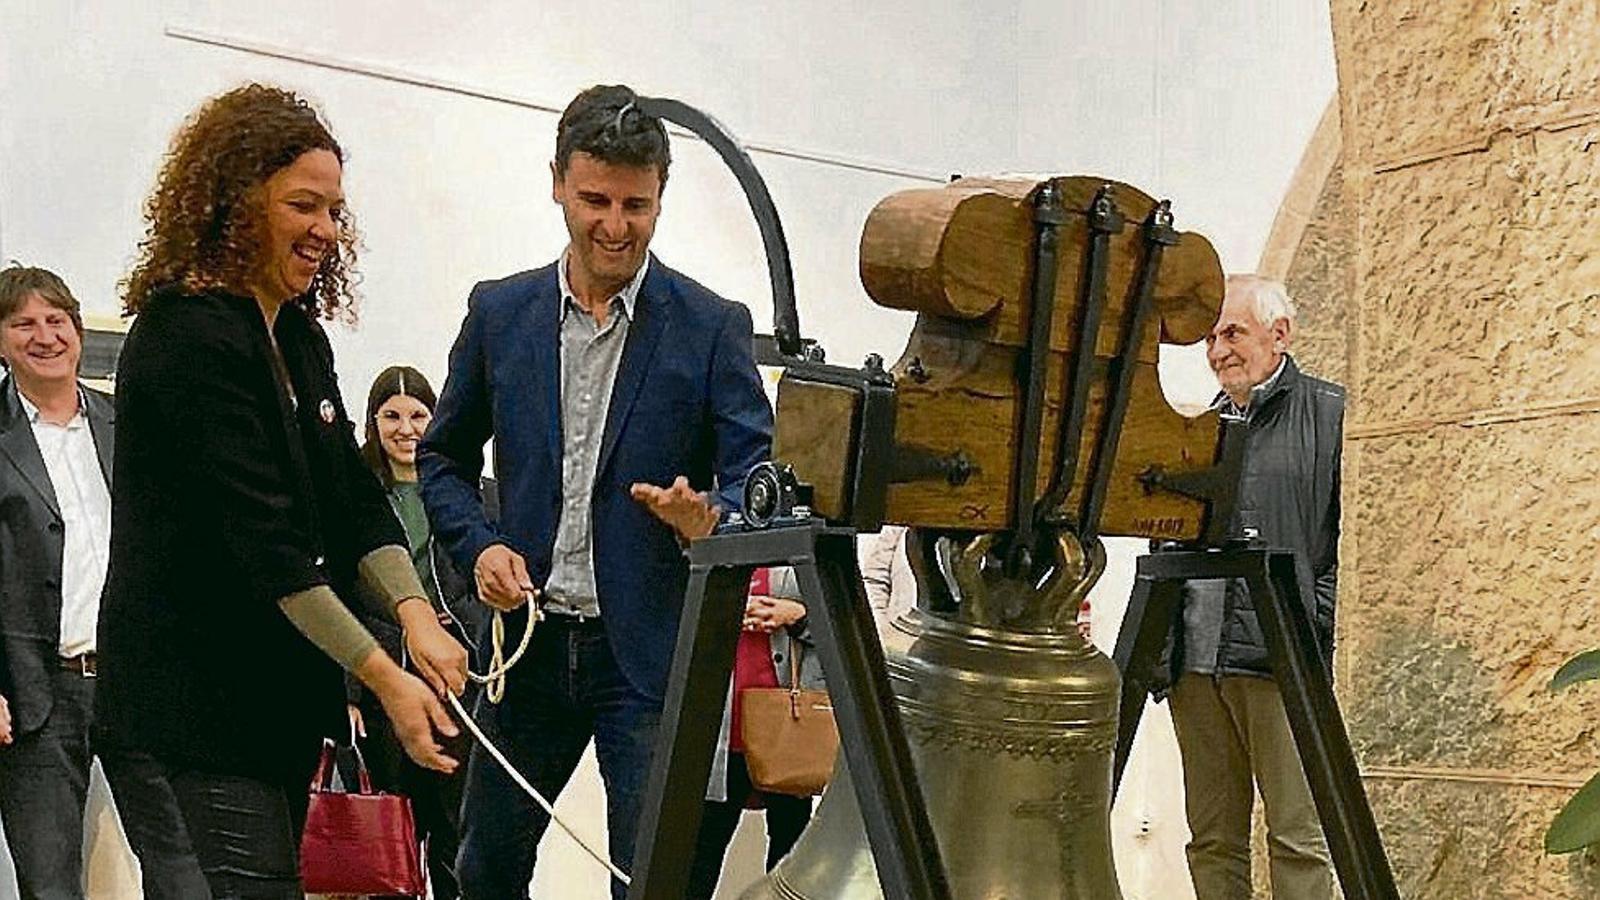 La nova campana d'Artà no té on repicar, si no es restaura Bellpuig